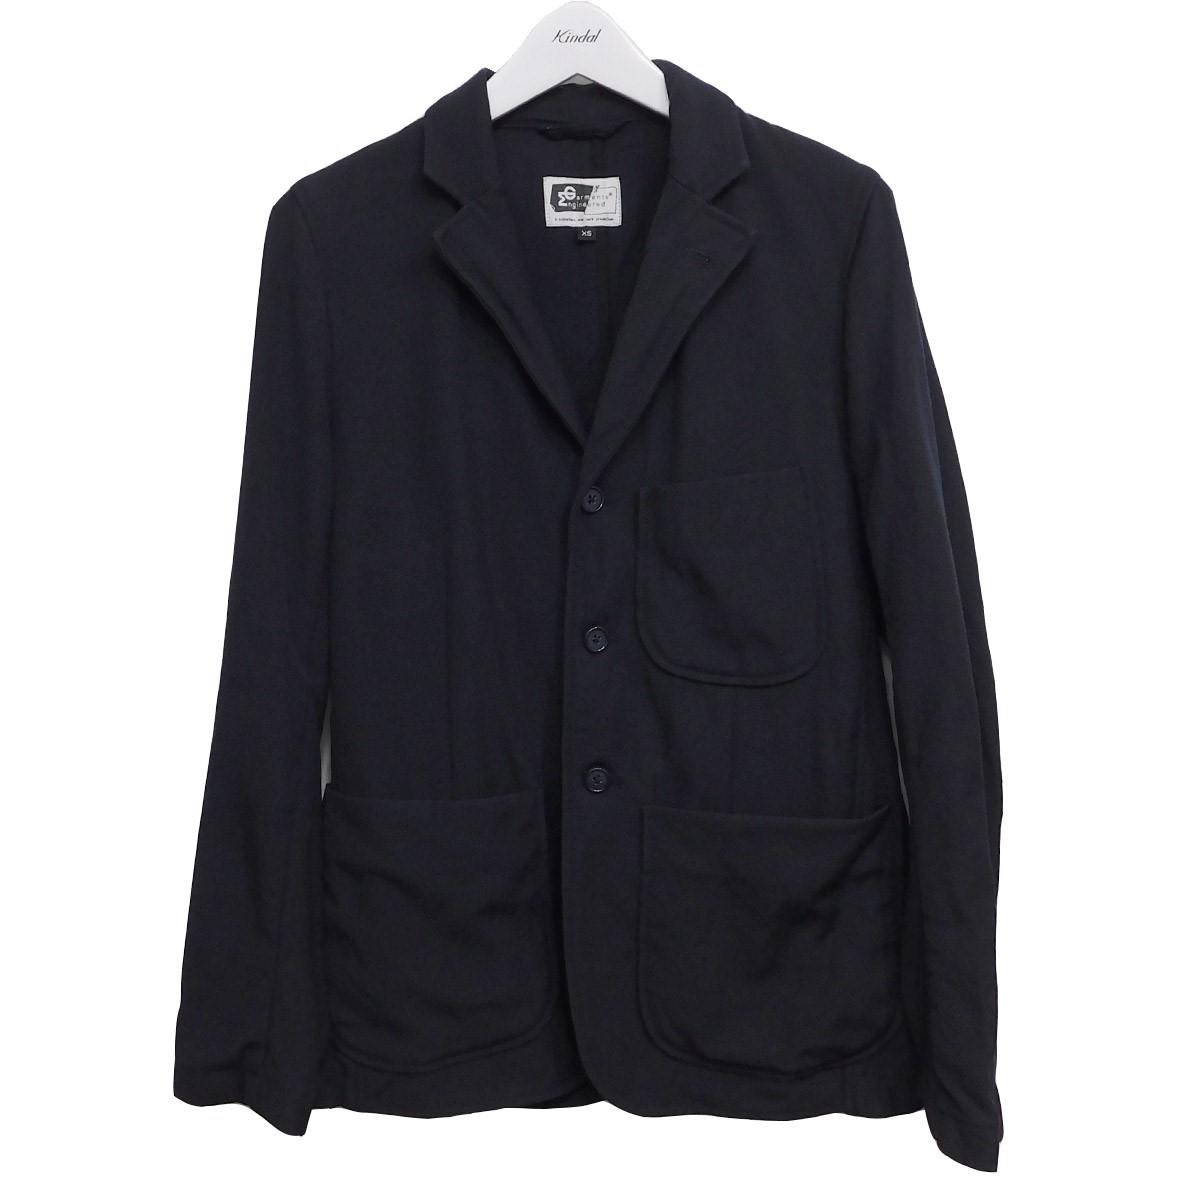 【中古】Engineered Garments Baker Jacket バイカージャケット ネイビー サイズ:XS 【300620】(エンジニアードガーメンツ)